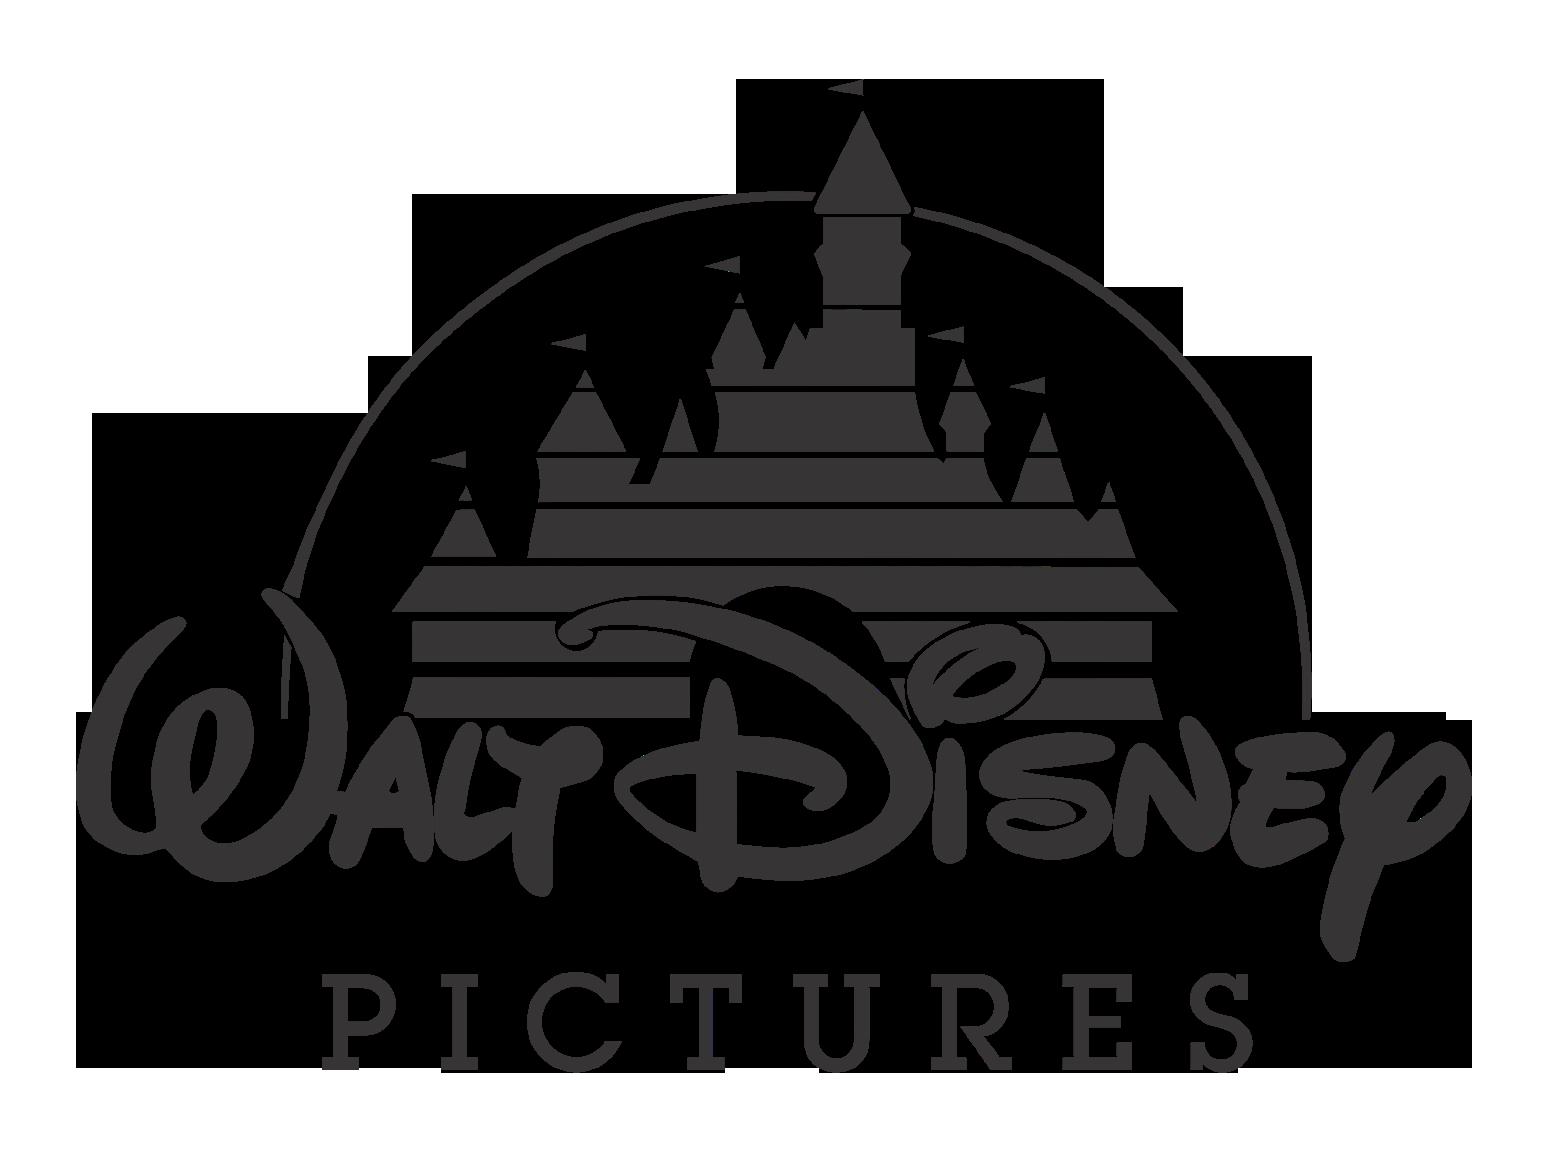 Walt Disney Pictures Logo PNG Image - PurePNG | Free ...